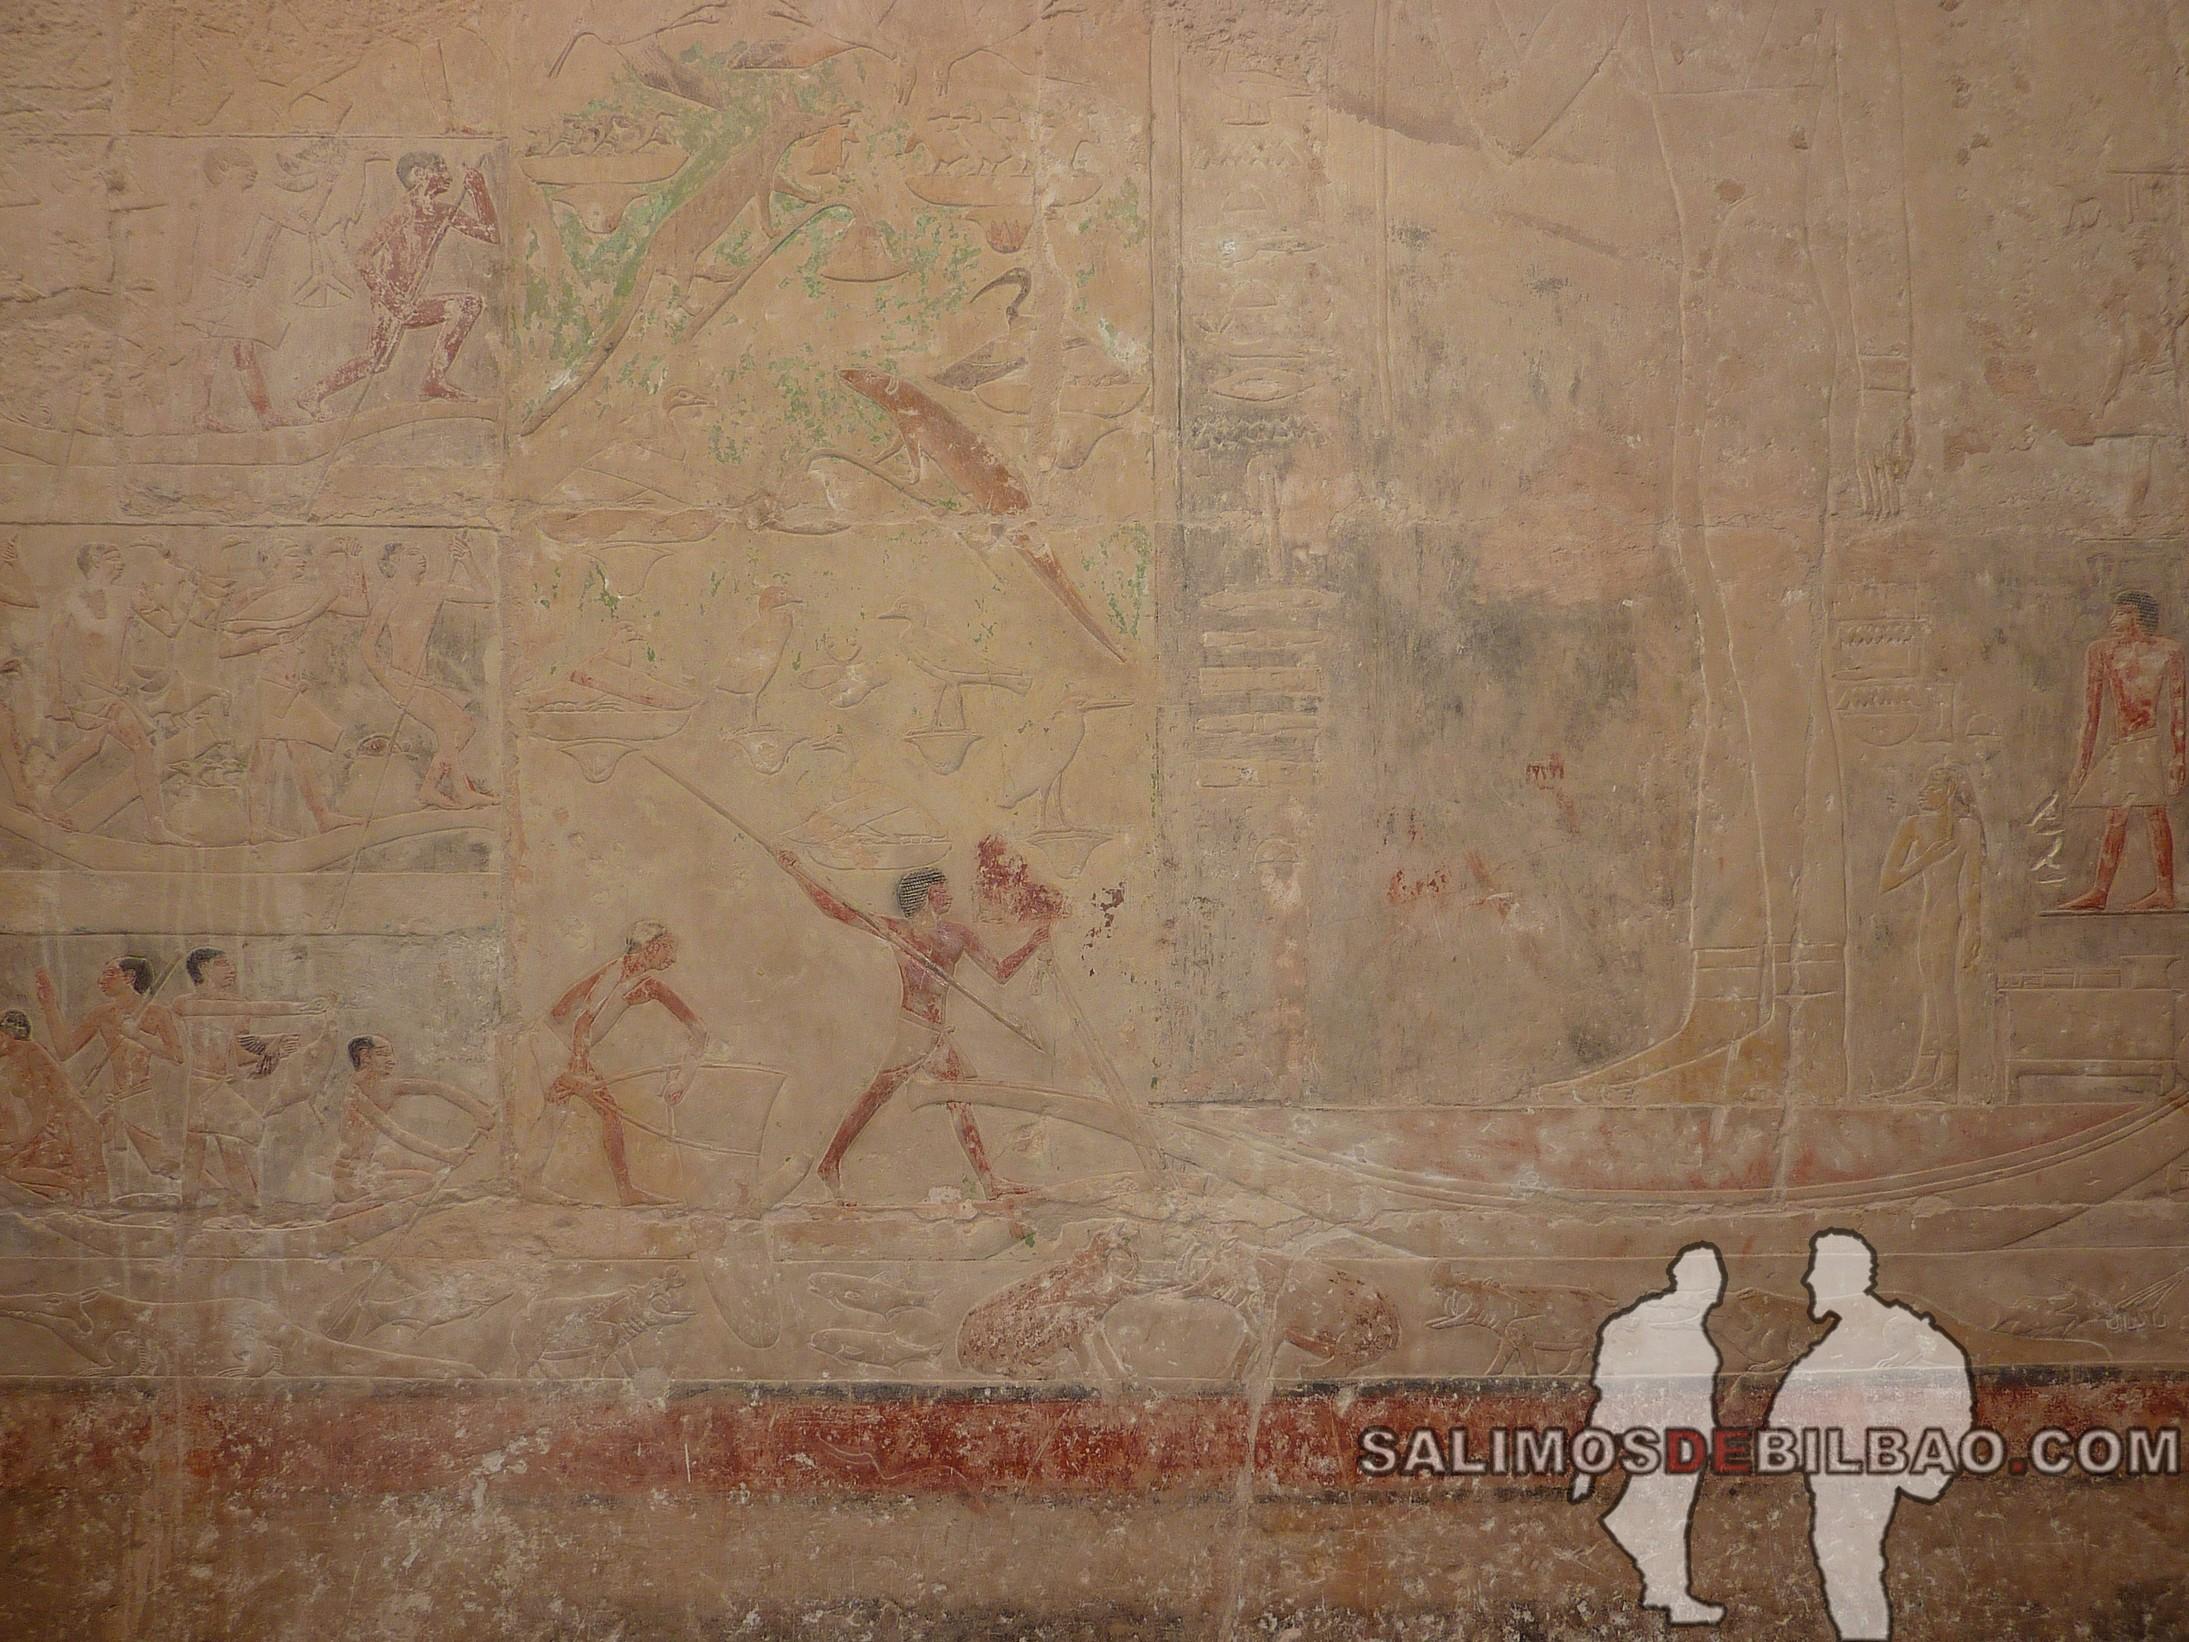 0331. Tumbas en el Complejo de la Pirámide escalonada de Zoser, Saqqara